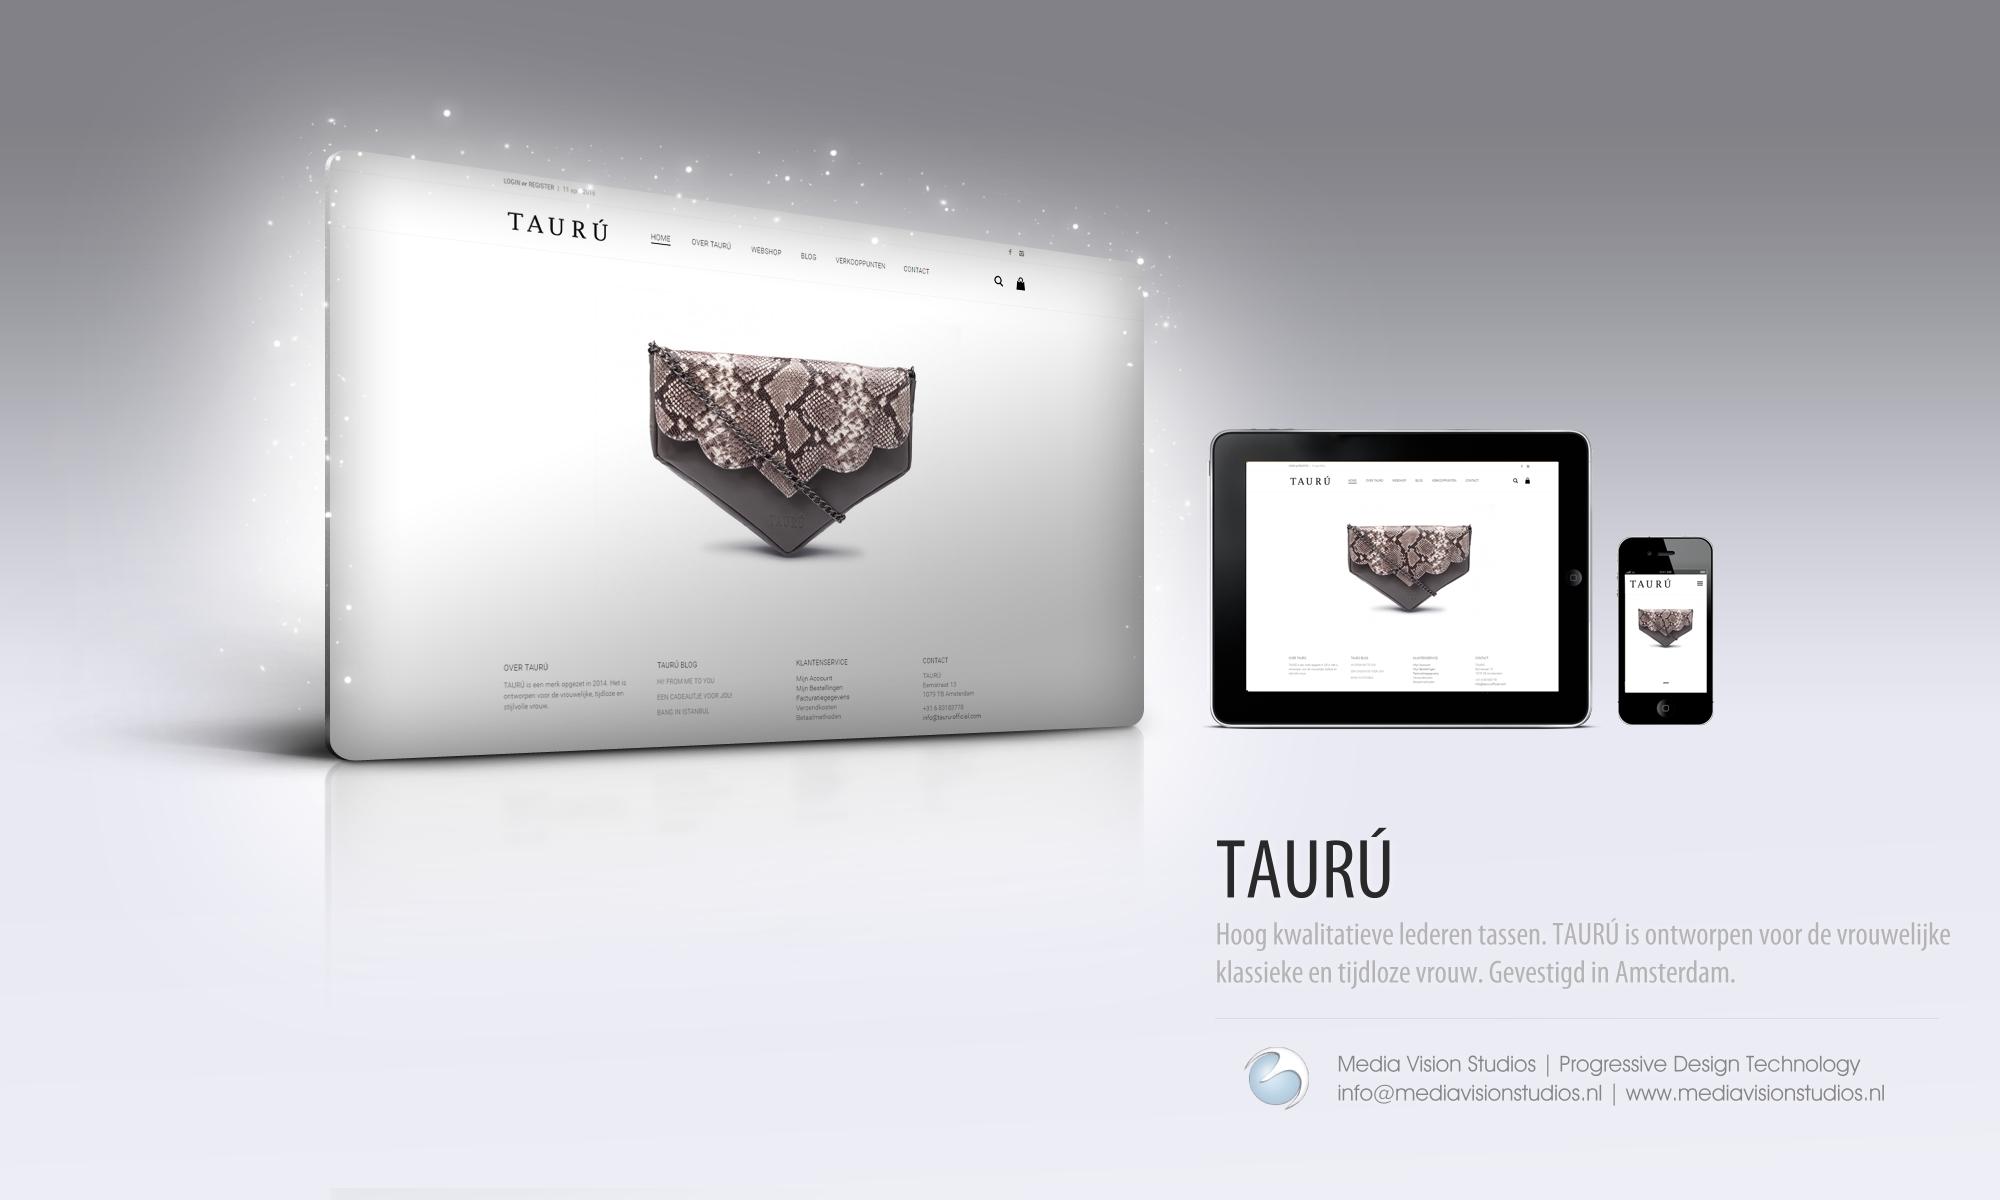 Tauru